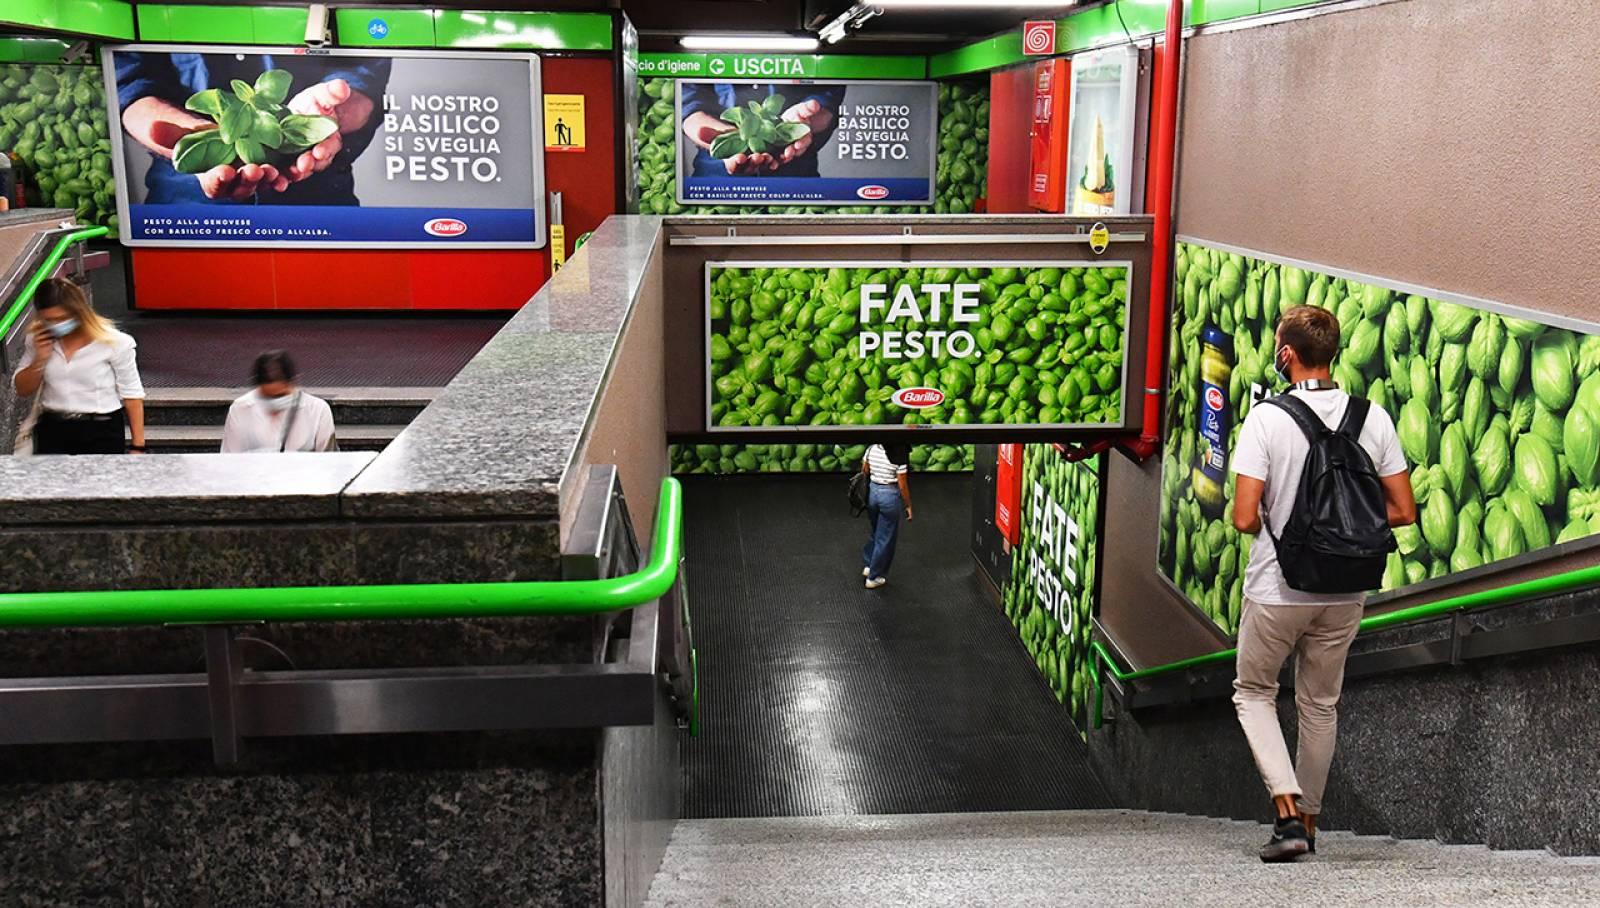 Pubblicità in metropolitana a Milano IGPDecaux Station Domination per Barilla